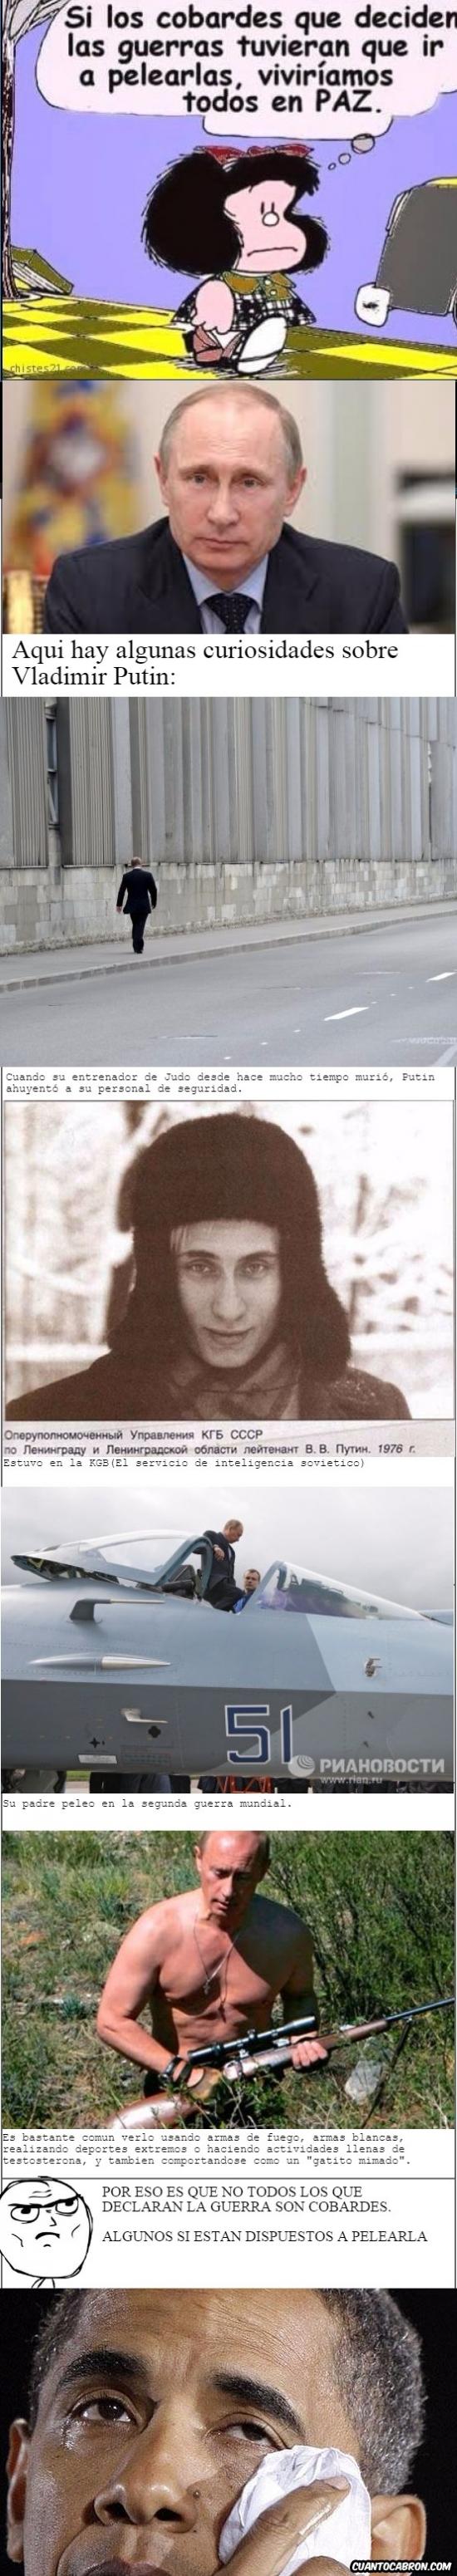 Otros - Putin, de todos los seres humanos, el más temible en todos los sentidos